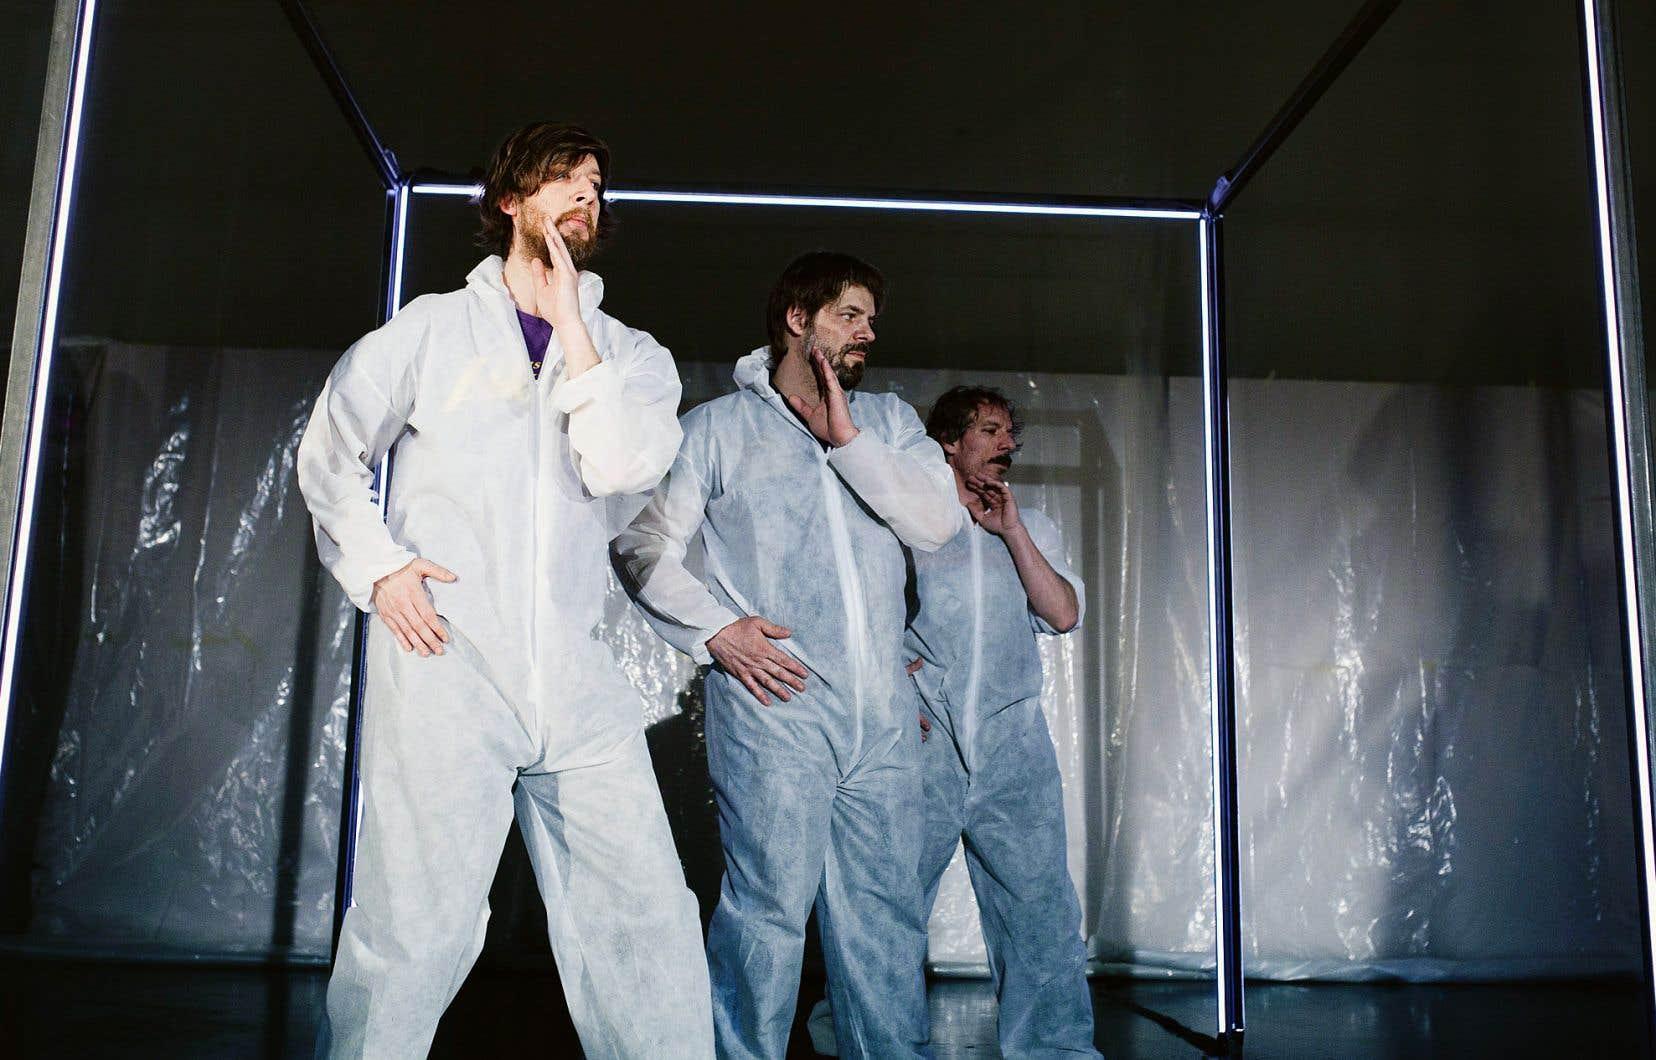 Le spectacle d'Emmanuel Schwartz, de Benoît Gob et de Francis LaHaye déploie une forme pour le moins inusitée d'autofiction scénique.